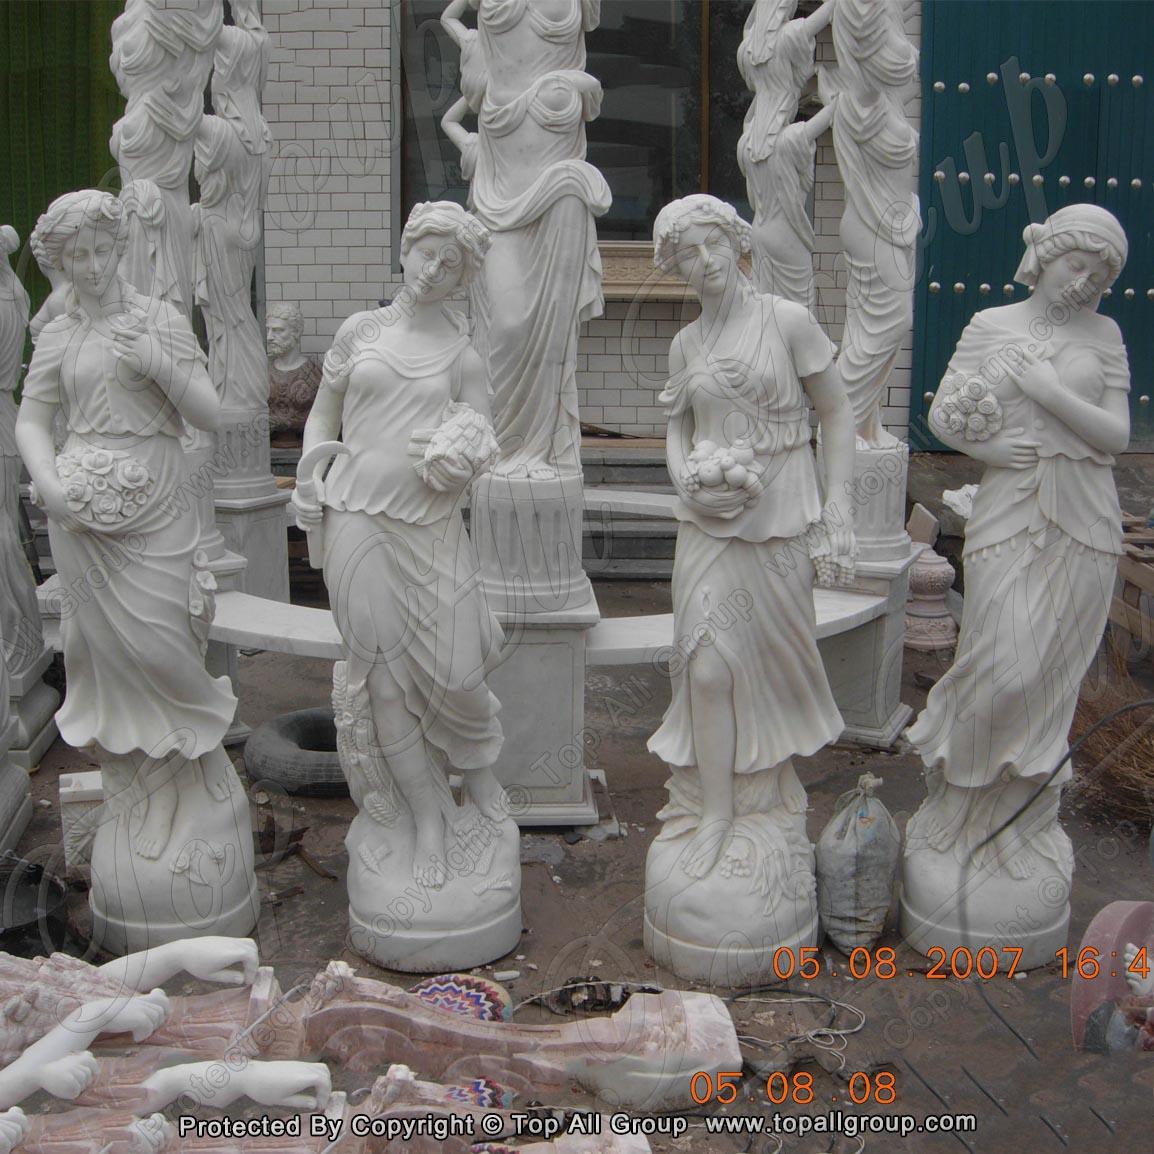 White marble life size four season marble sculpture